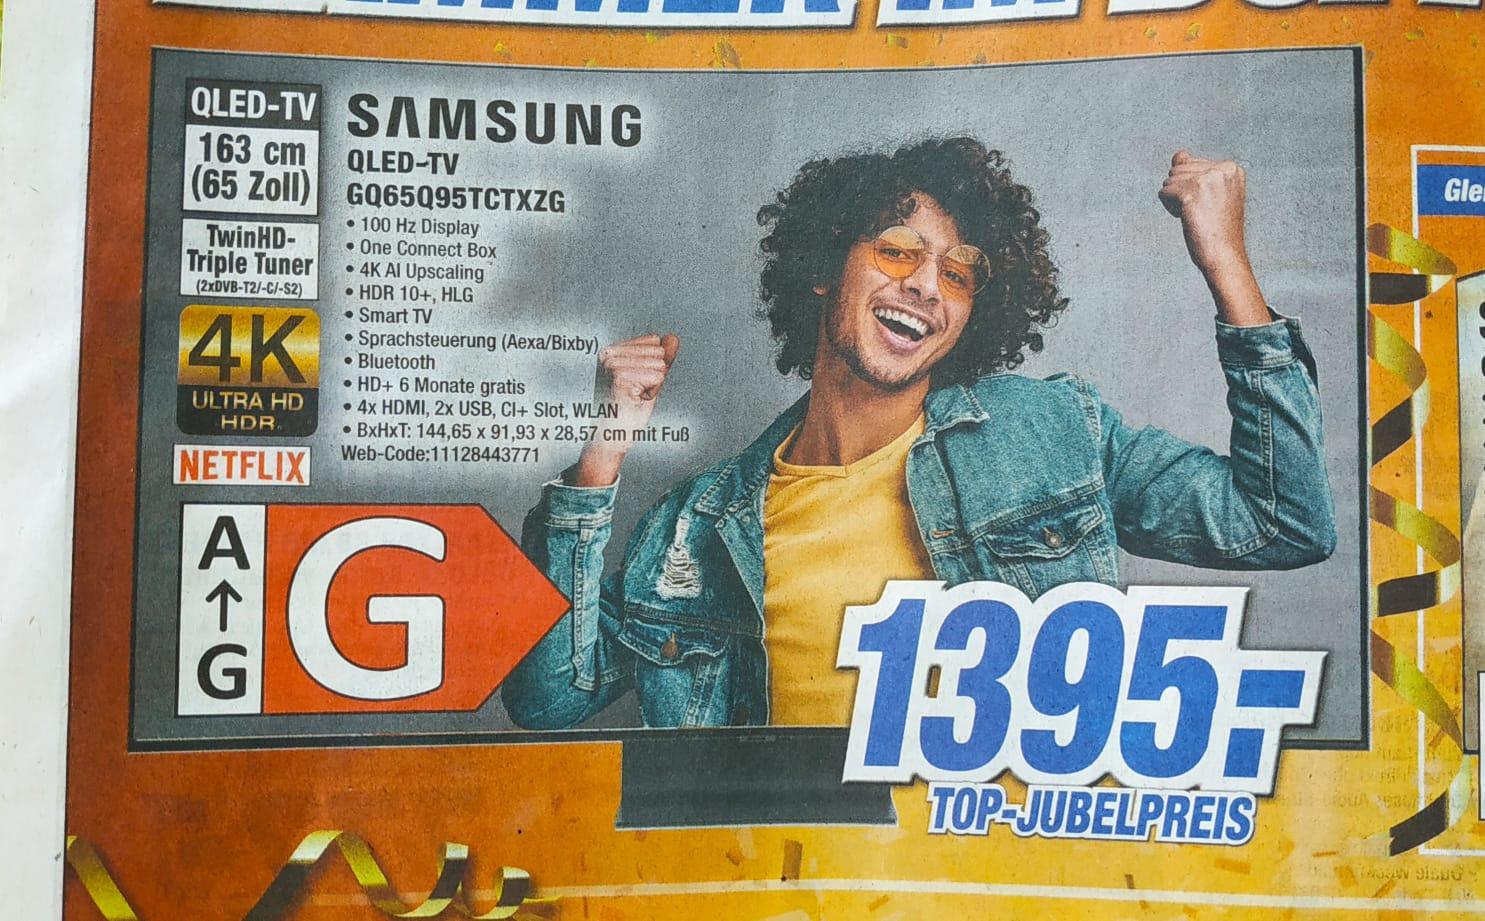 Samsung GQ65Q95T QLED TV 65 Zoll, 4K UHD, Sprachsteuerung, Aufnahmefunktion - UPDATE: teilweise 1199,- möglich!